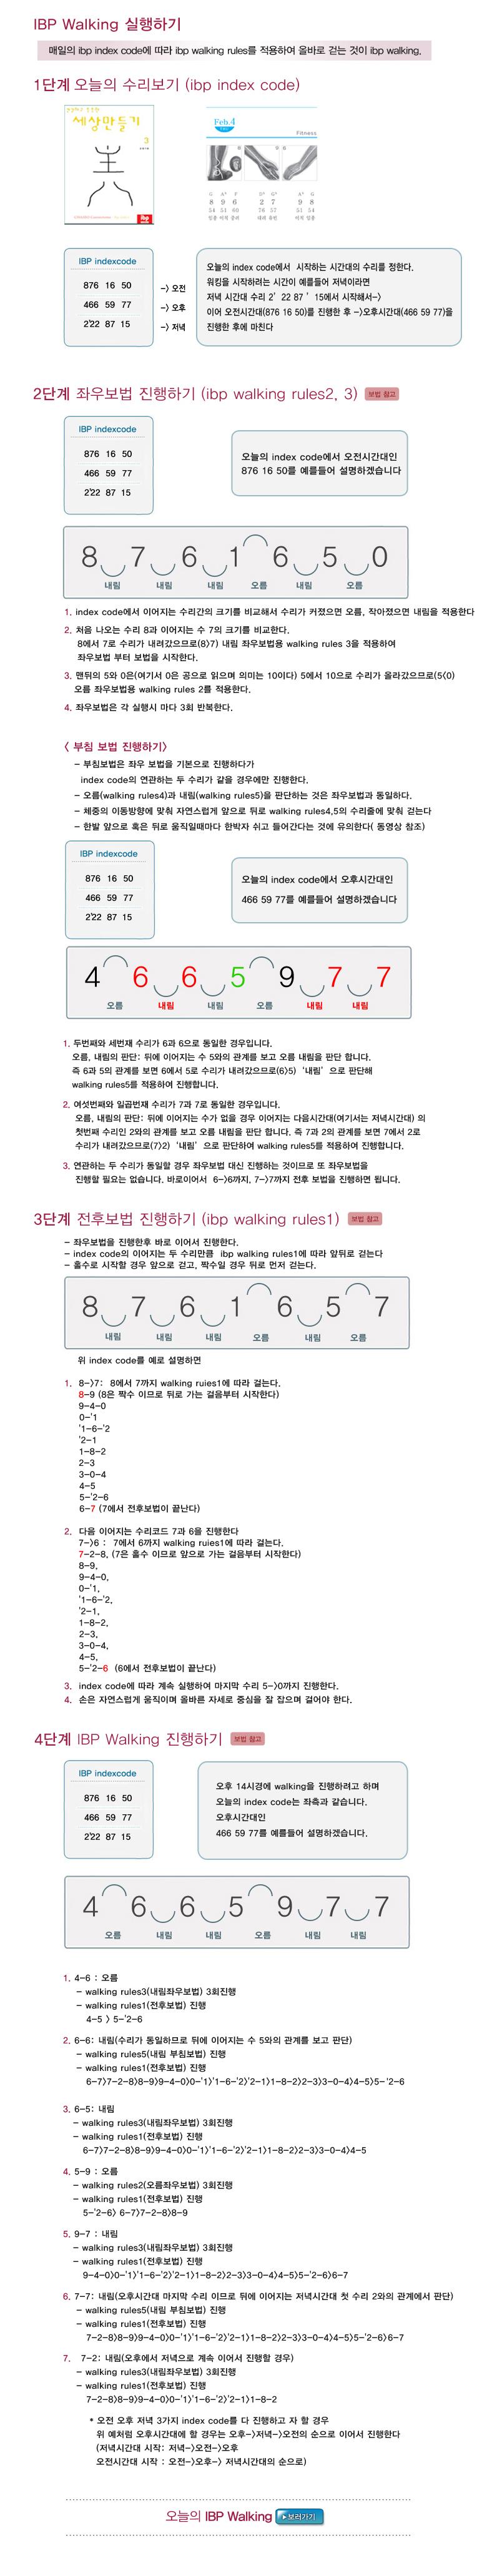 IBP WALKING